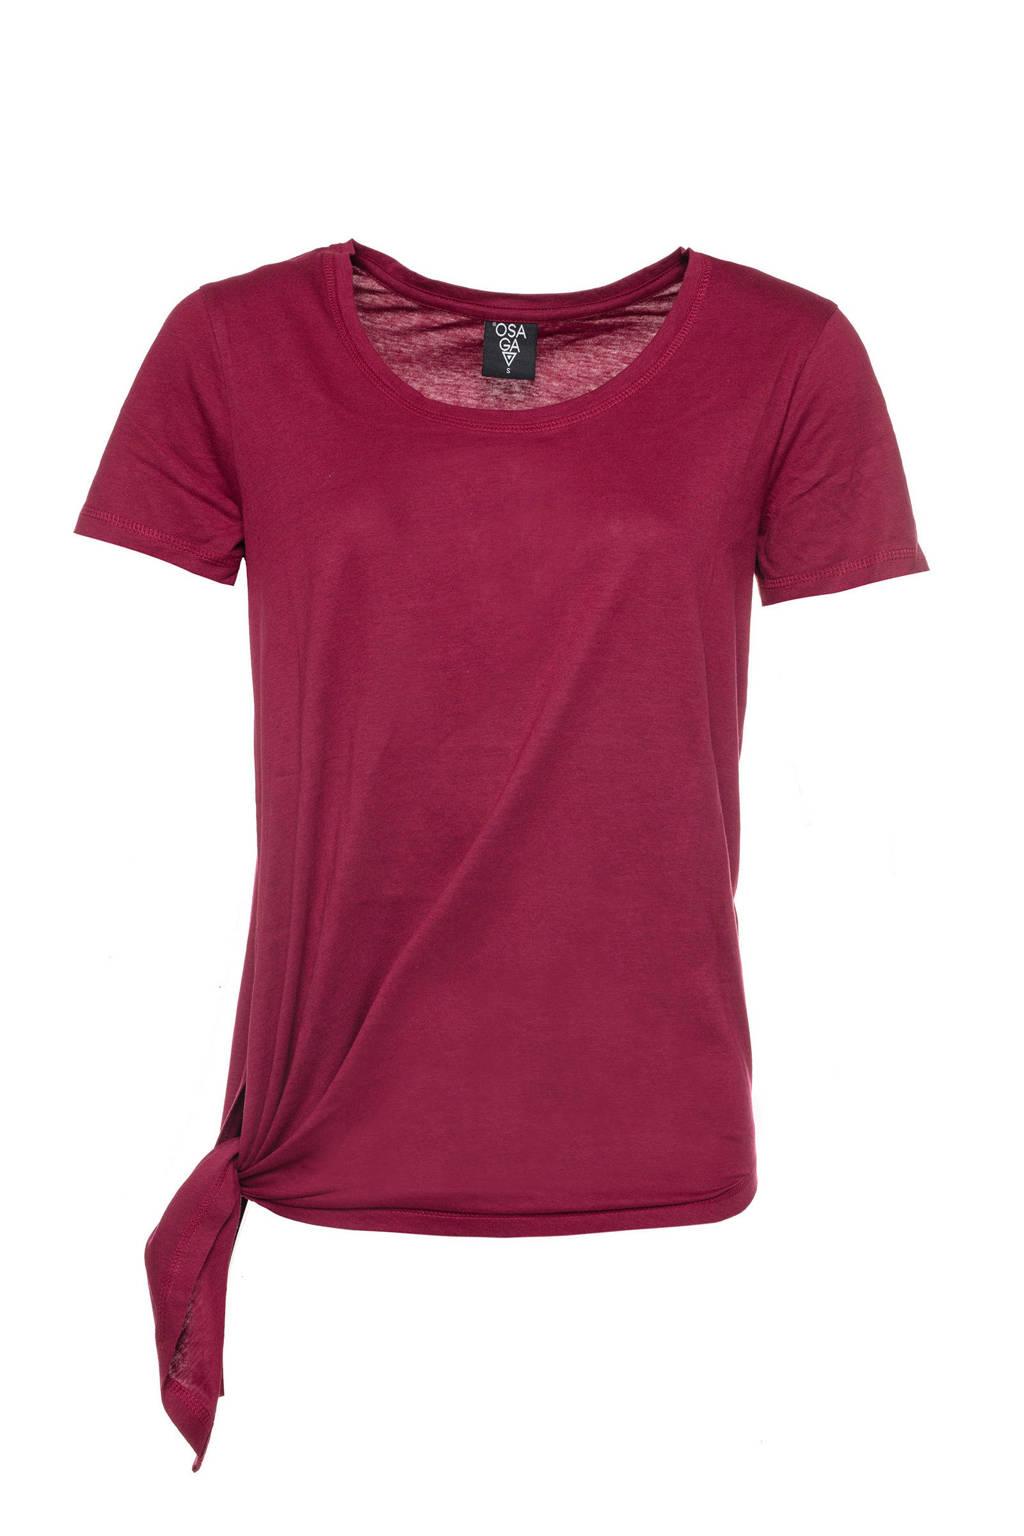 Scapino Osaga asymmetrisch sport T-shirt paars, Paars